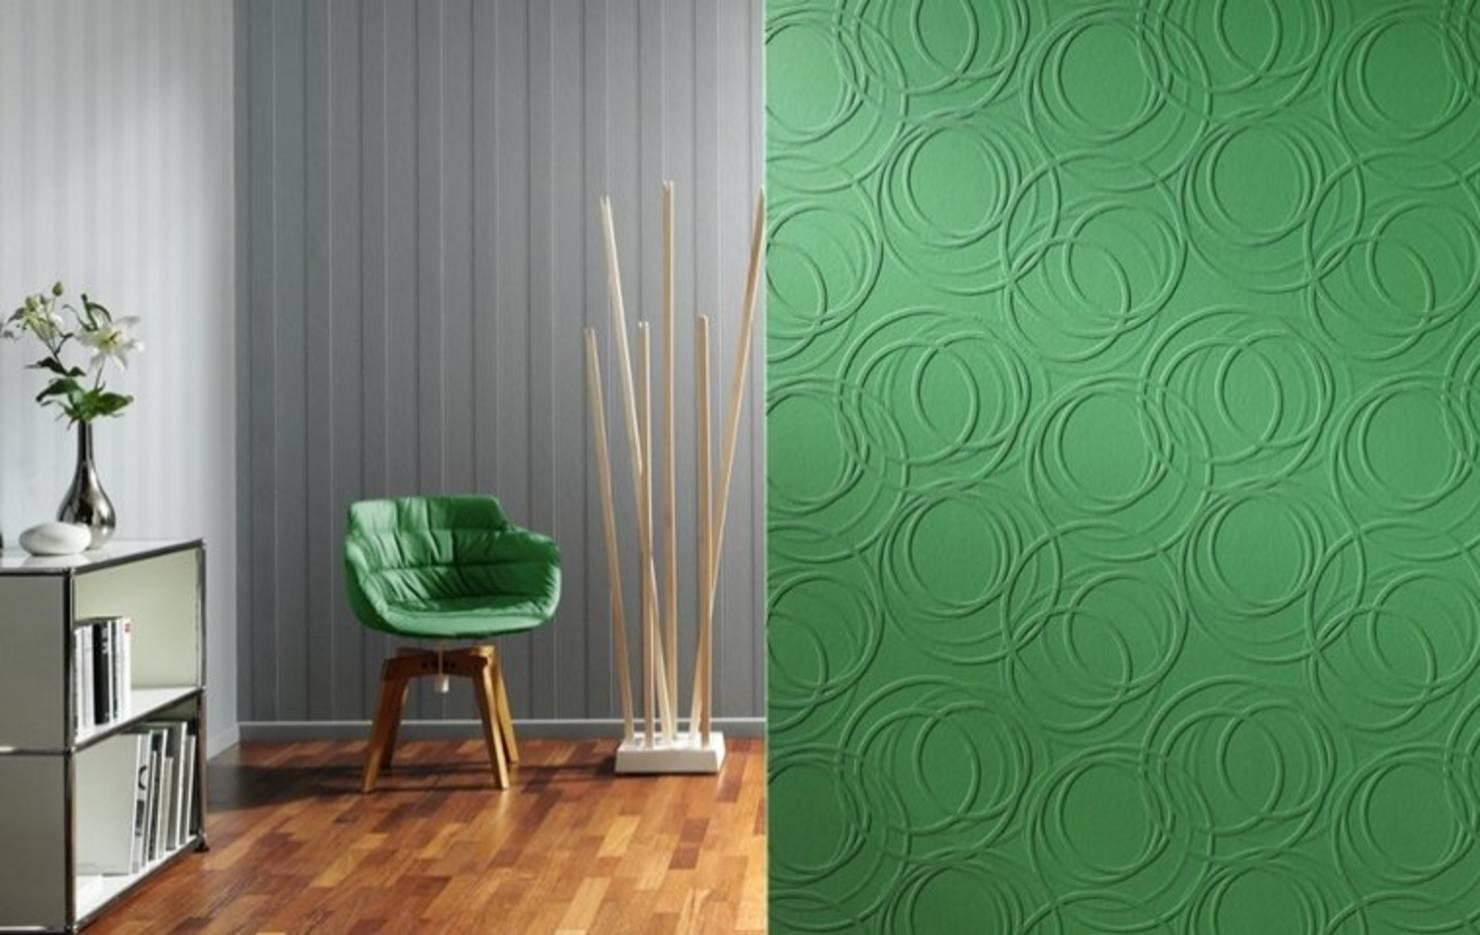 зеленные обои в интерьере квартиры